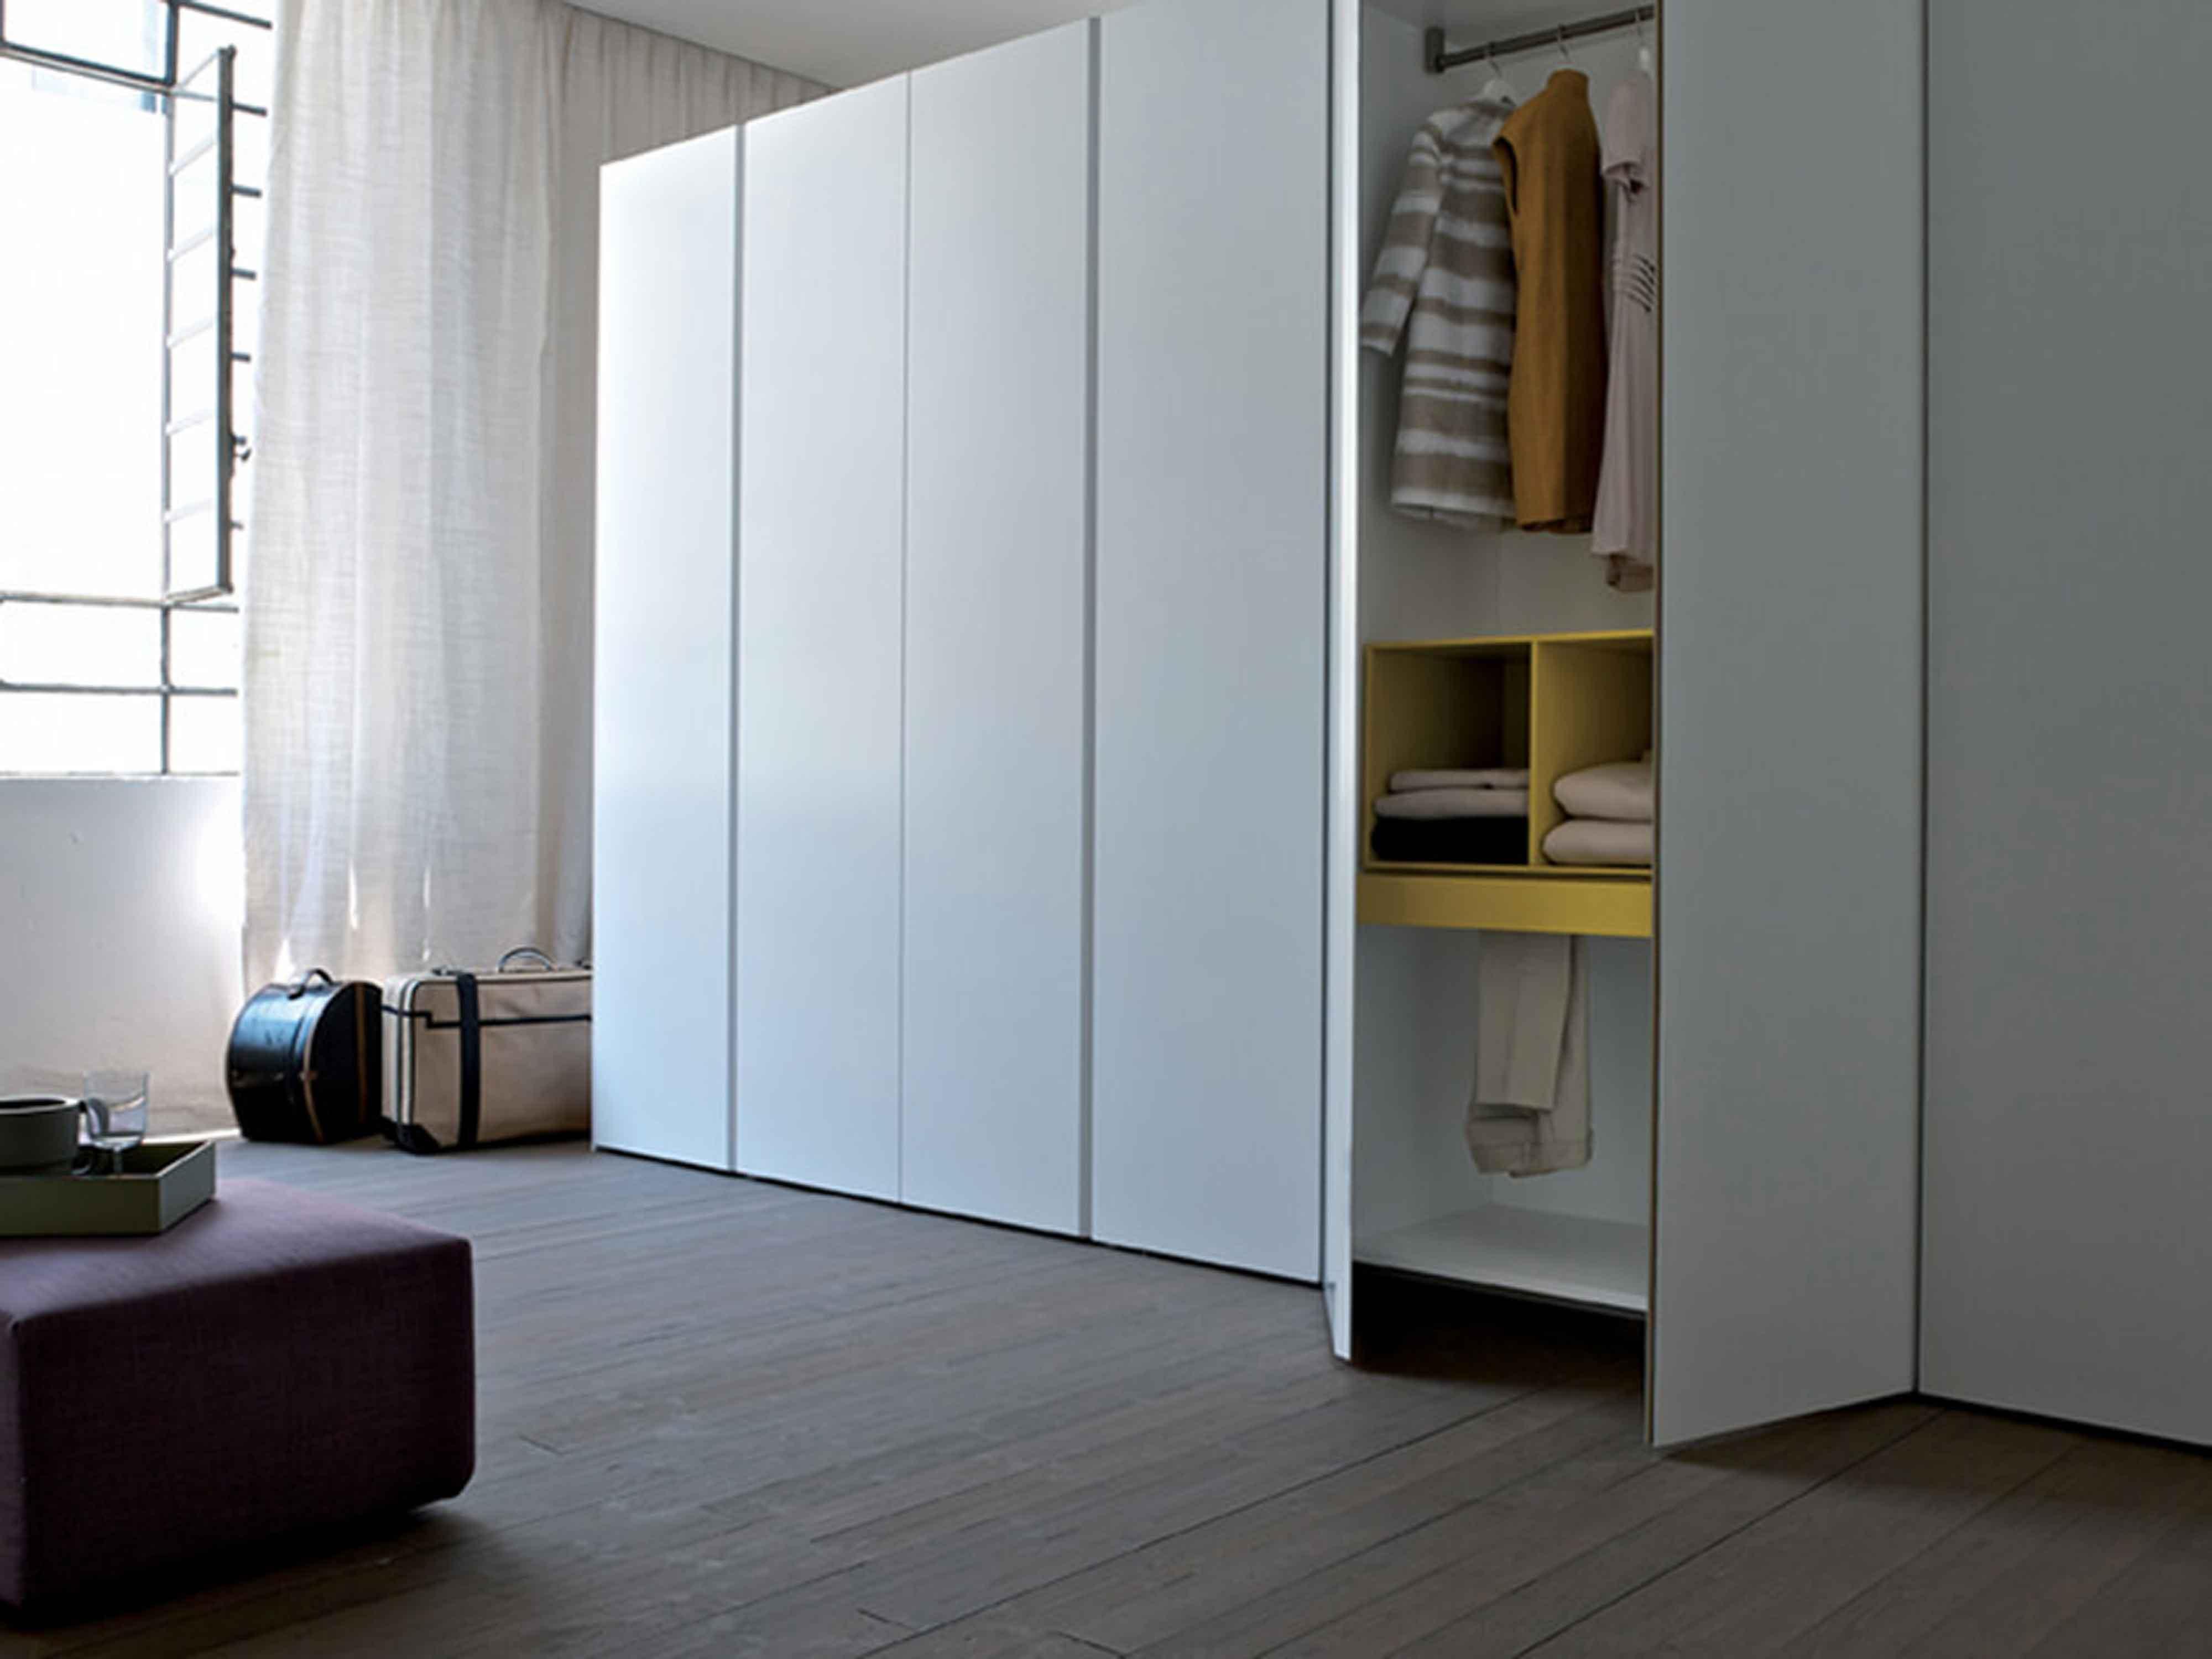 01s_Estel_wardrobe-walk-incloset_ARMADIO-BIANCO